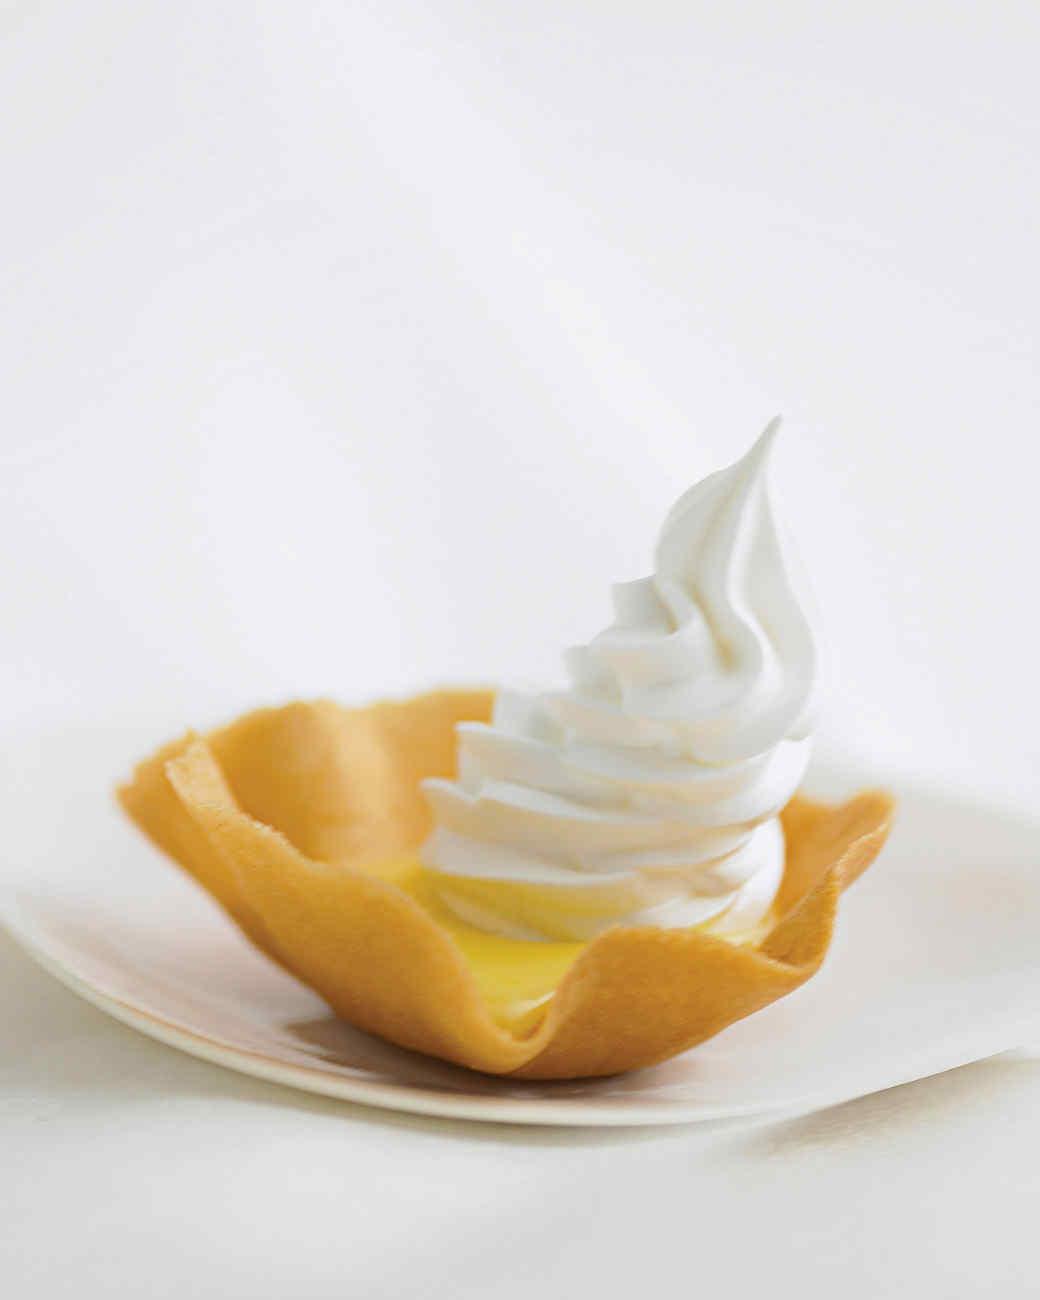 Lemon Tartlets with Meringue Caps